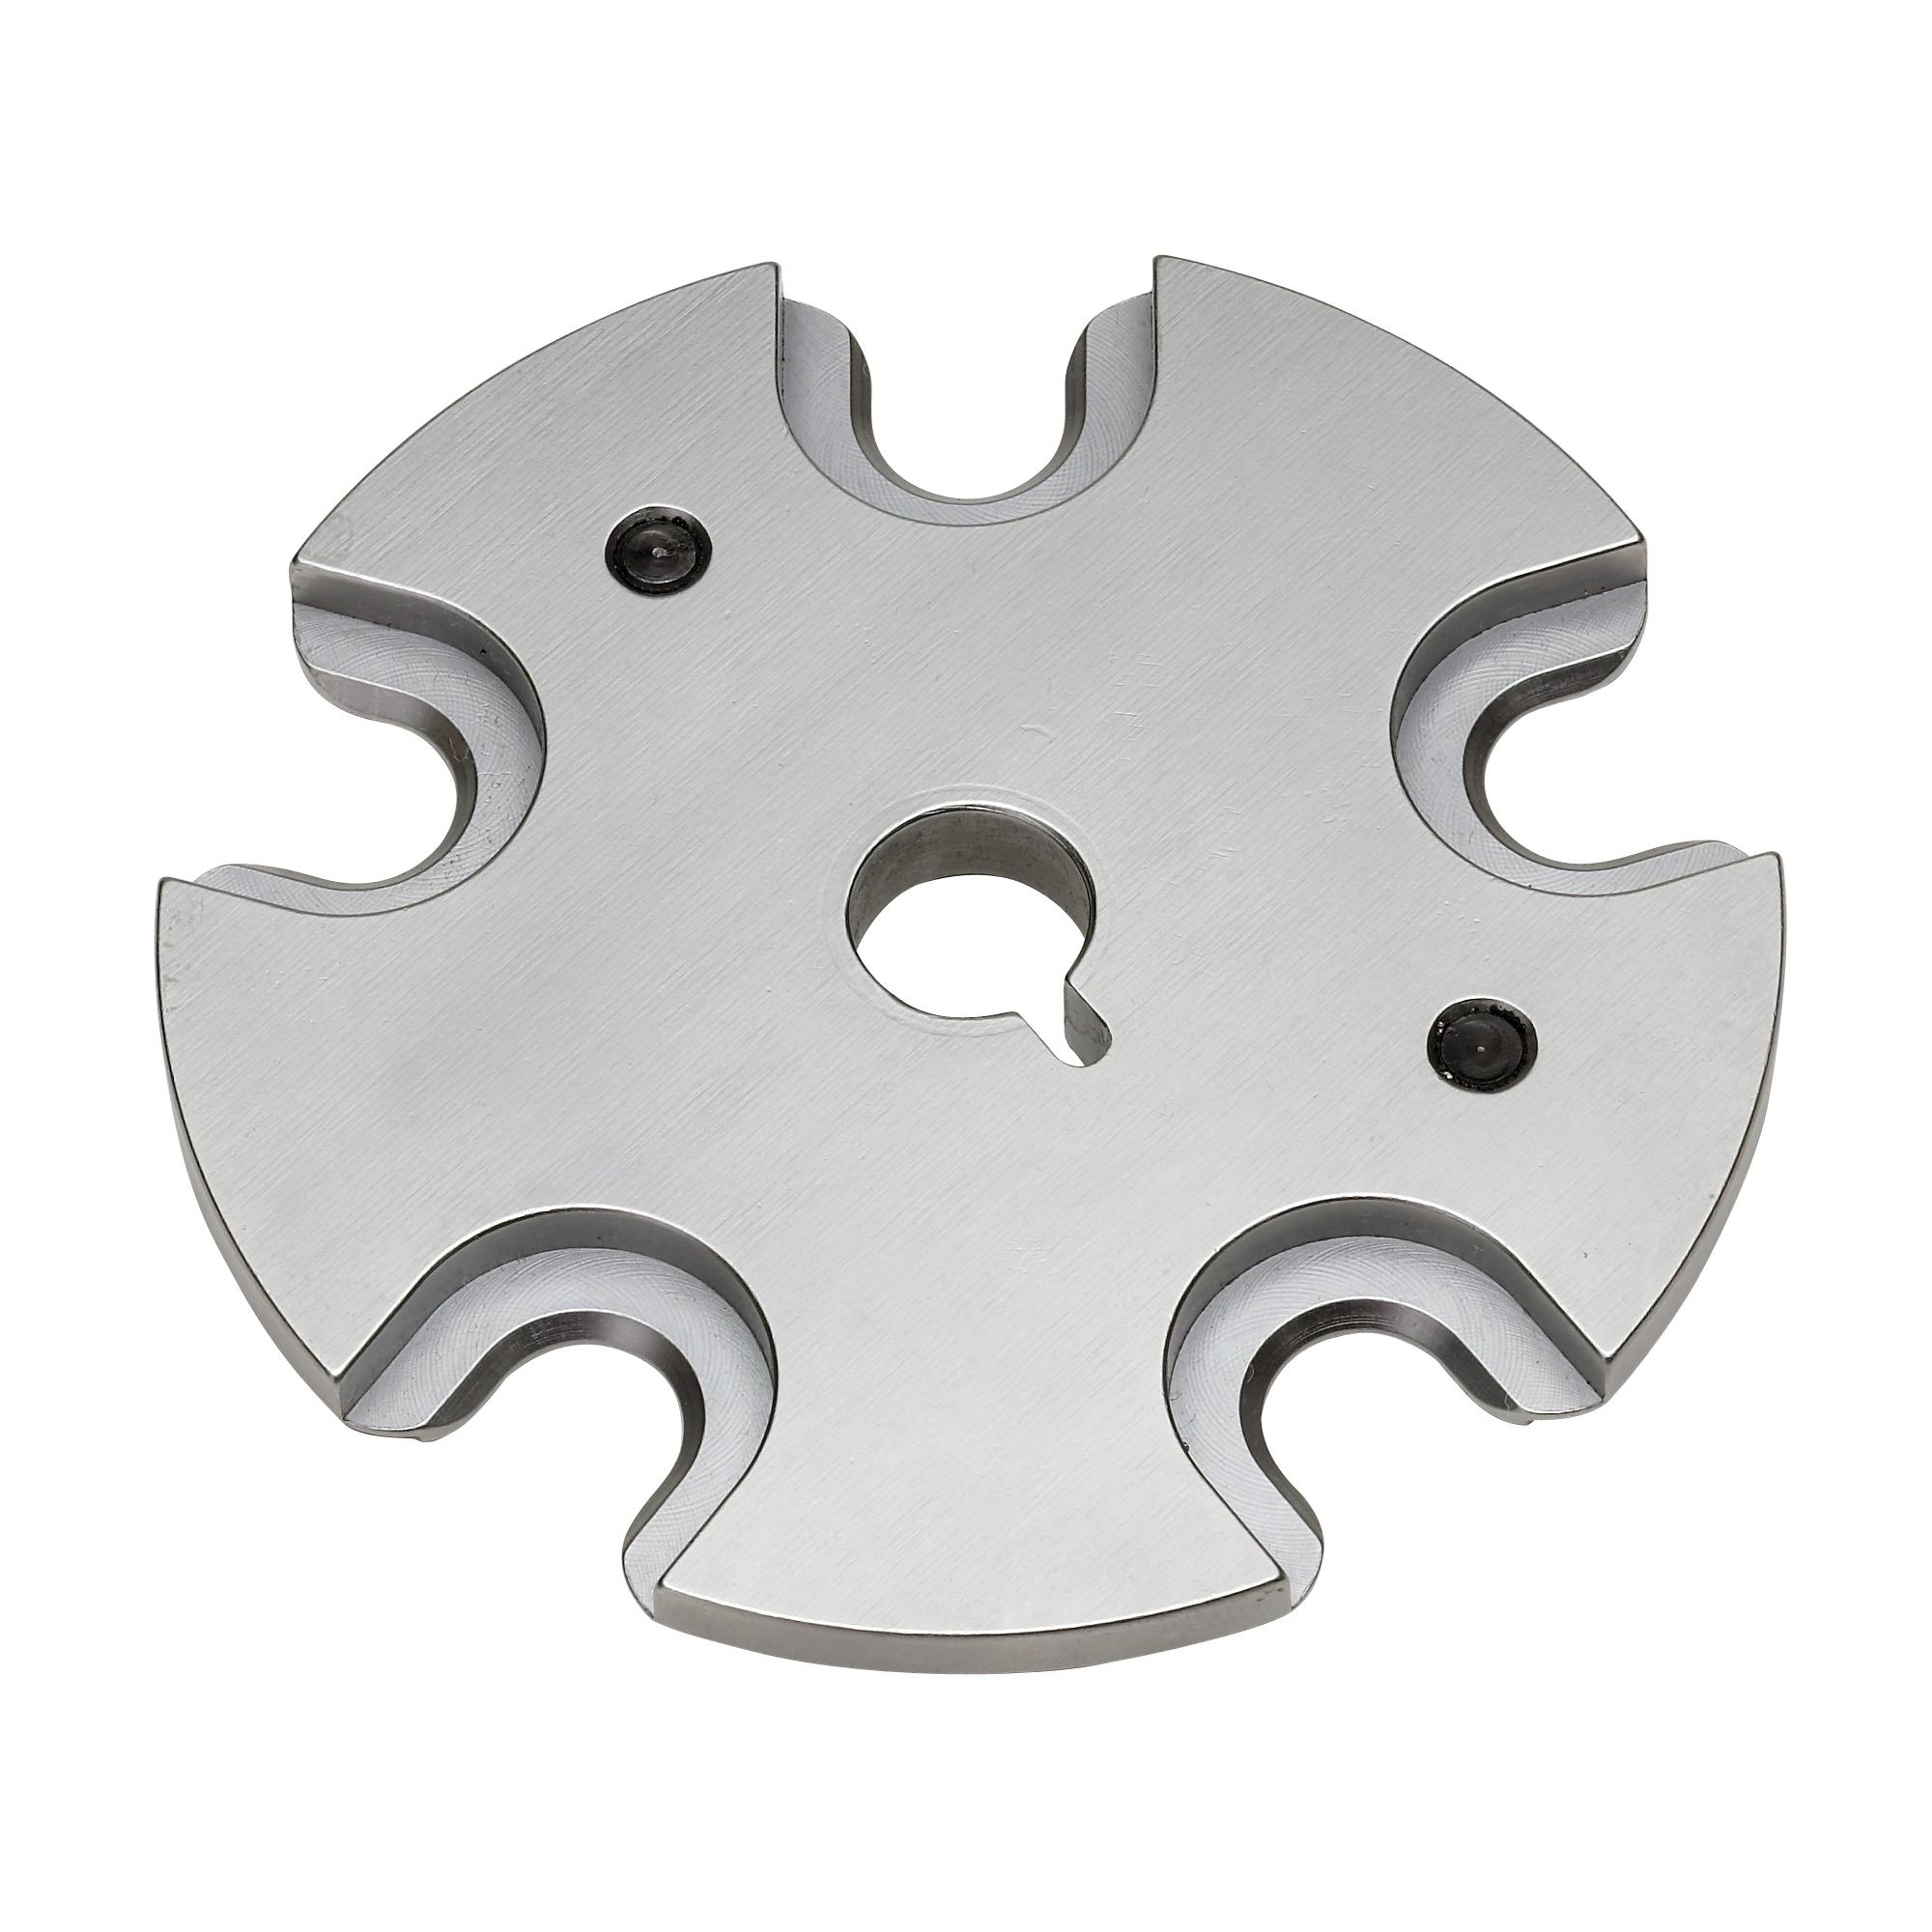 Hrndy Shell Plate #16 Lnl Ap & Proj